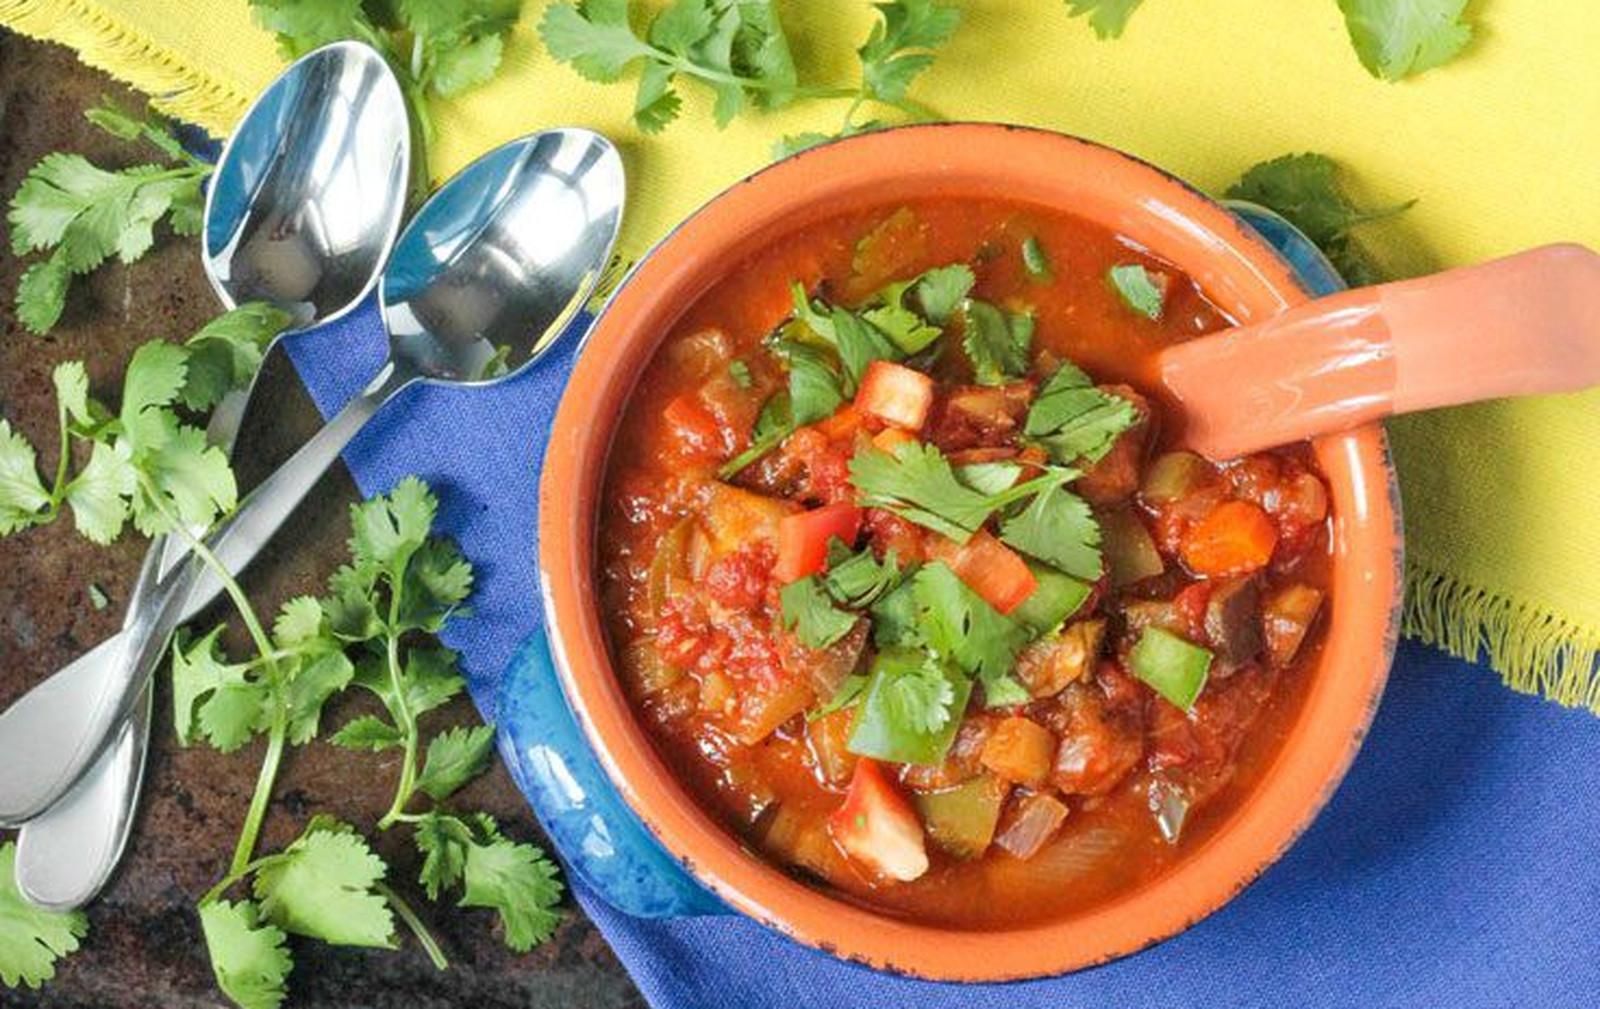 Spicy and Smoky Veggie Chili [Vegan, Gluten-Free]